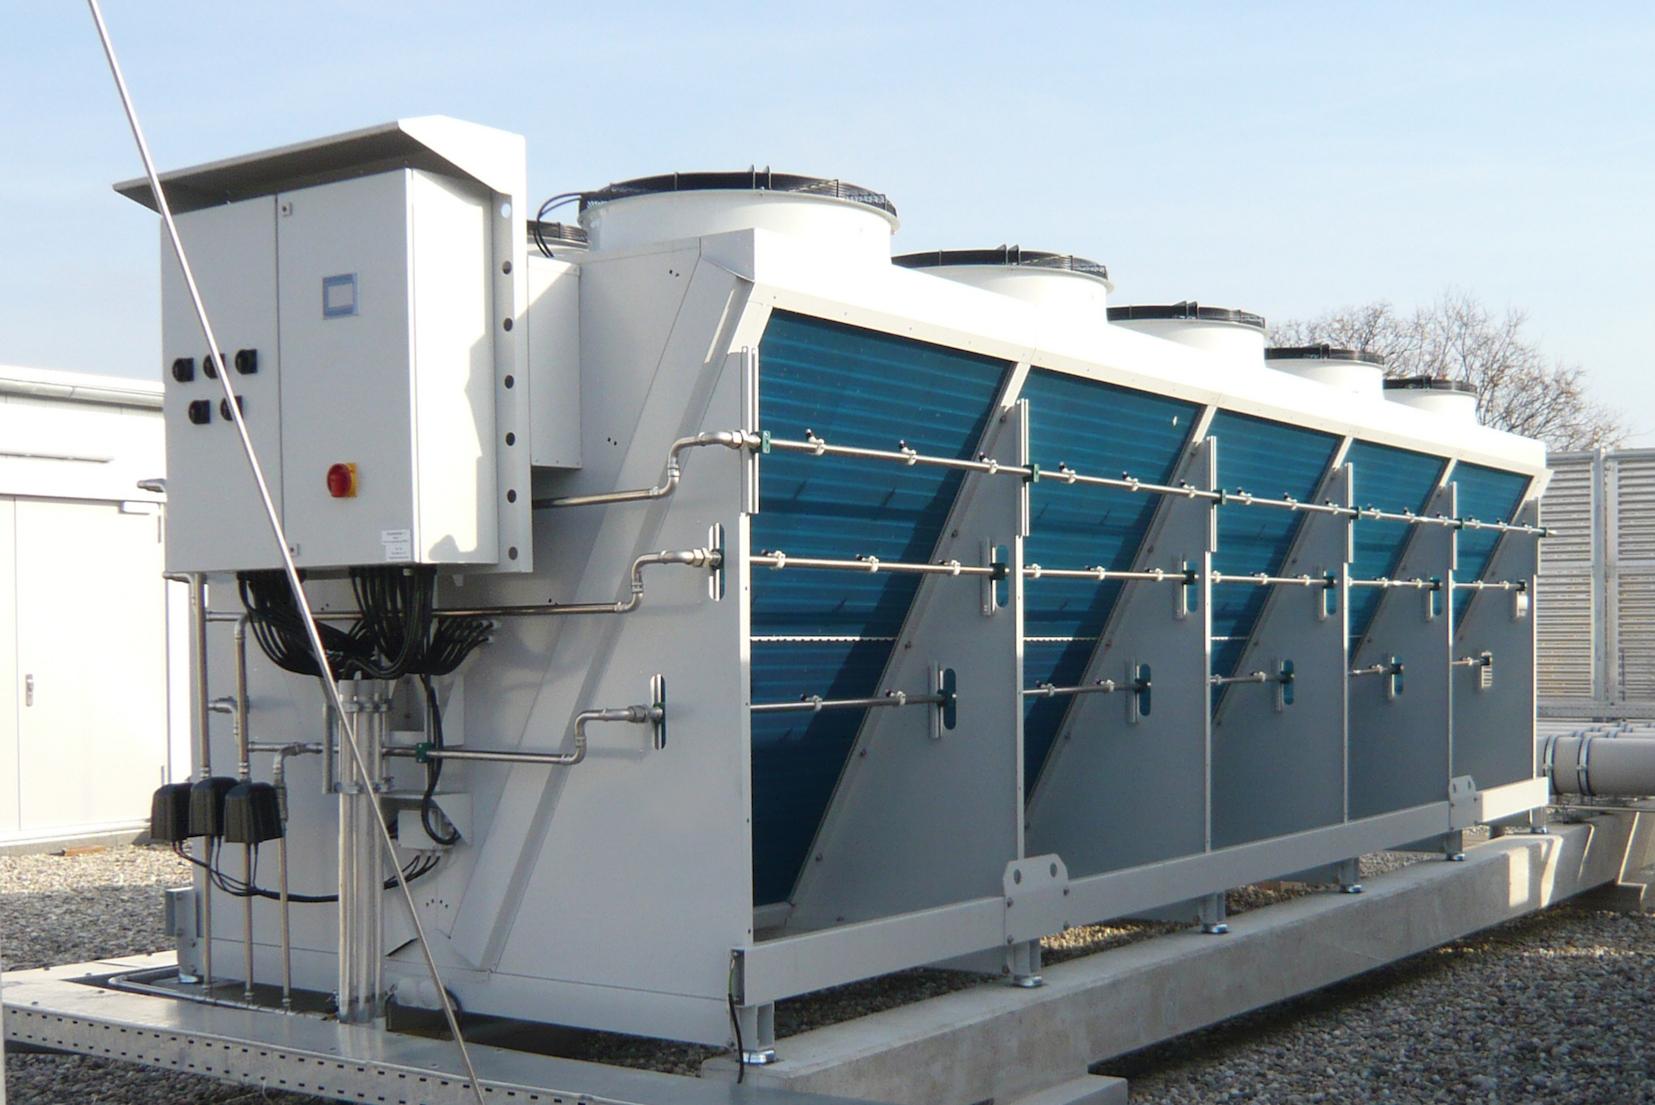 Wentylatorowe chłodnie suche, skraplacze, systemy chłodzenia adiabatycznego oraz hybrydowego